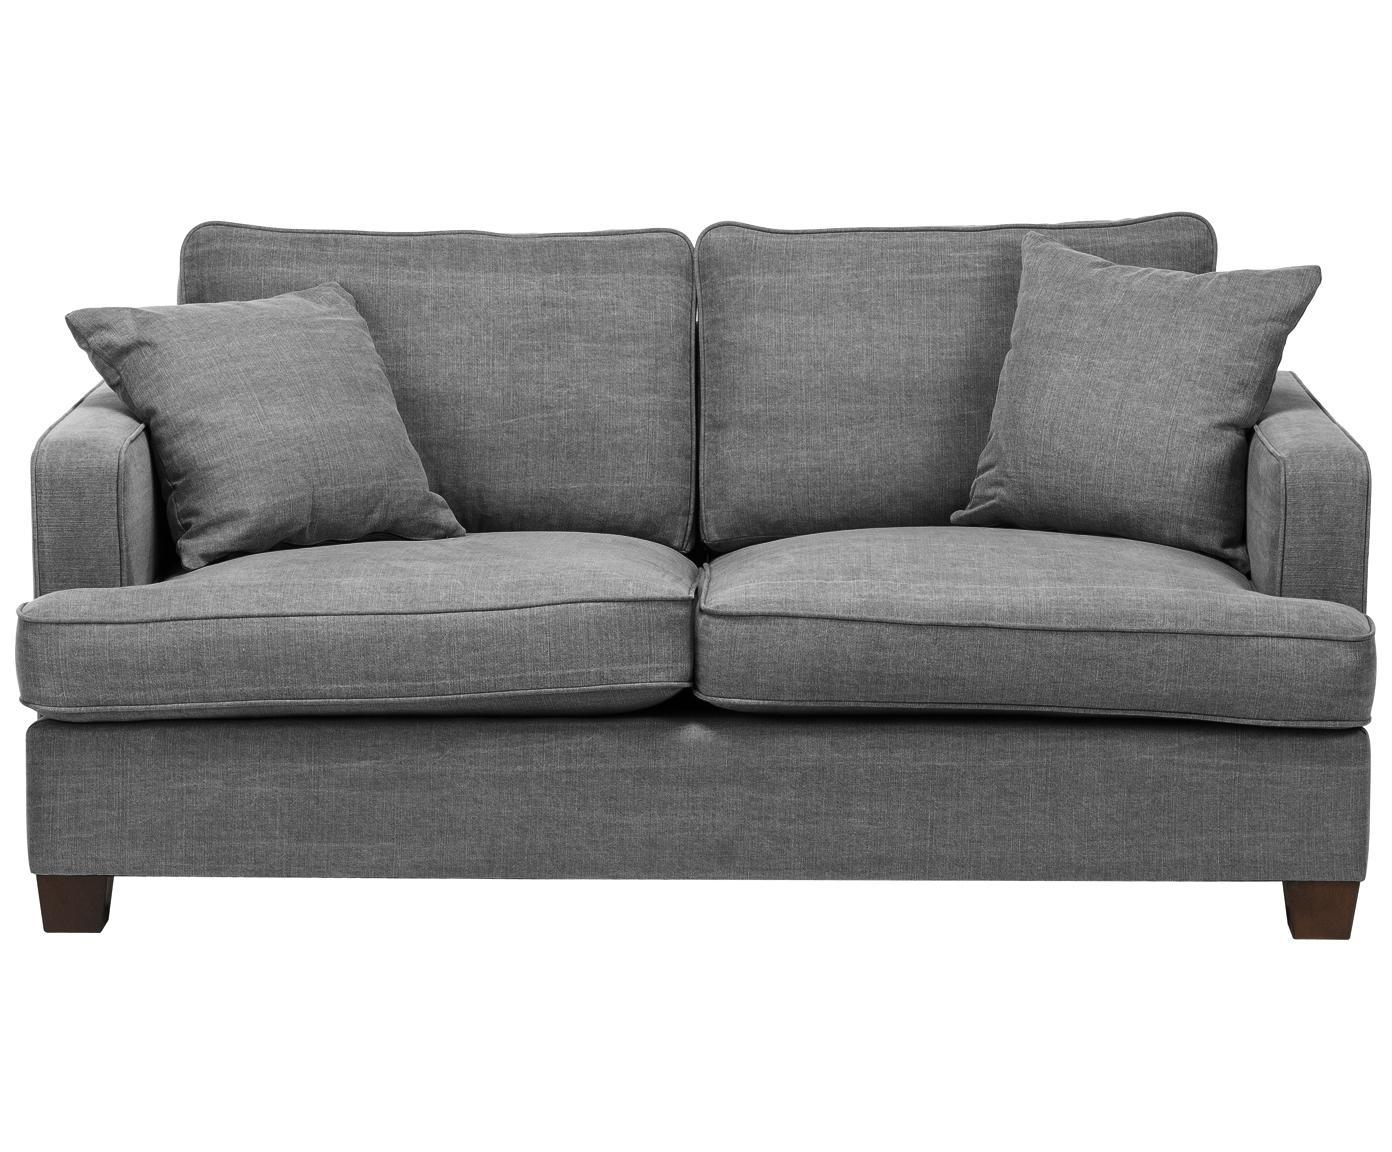 Duża sofa Warren (2-osobowa), Stelaż: drewno naturalne, Tapicerka: 60%bawełna, 40%len Tkan, Nogi: czarne drewno, Szary, S 178 x W 85 cm